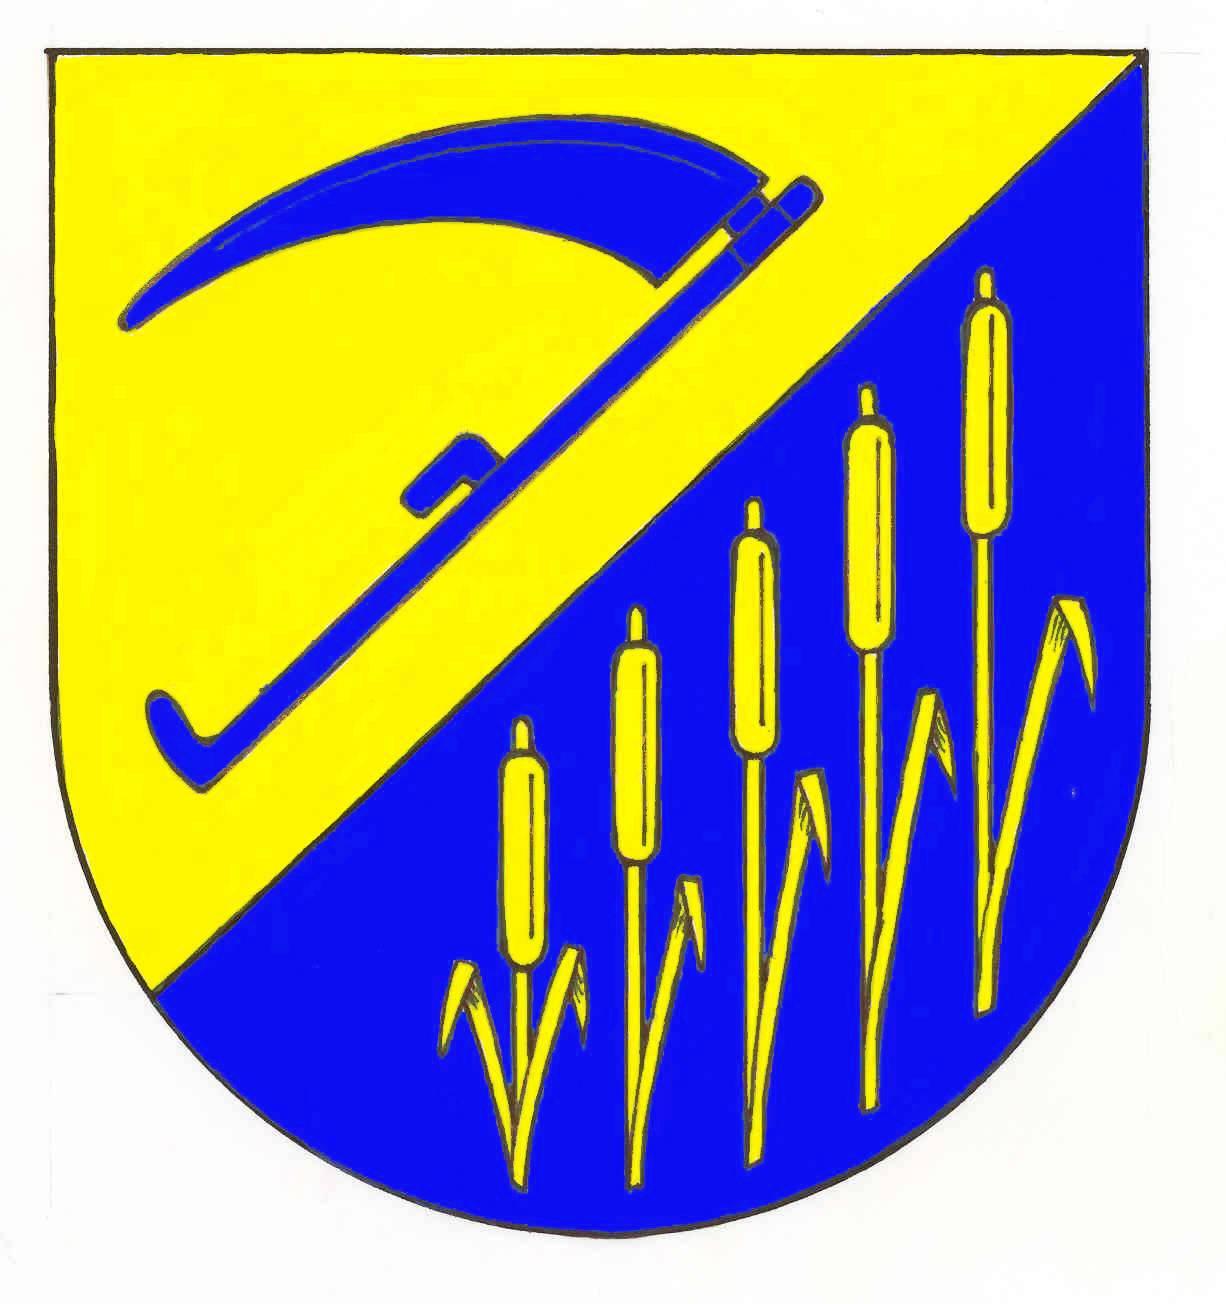 Wappen GemeindeWees, Kreis Schleswig-Flensburg